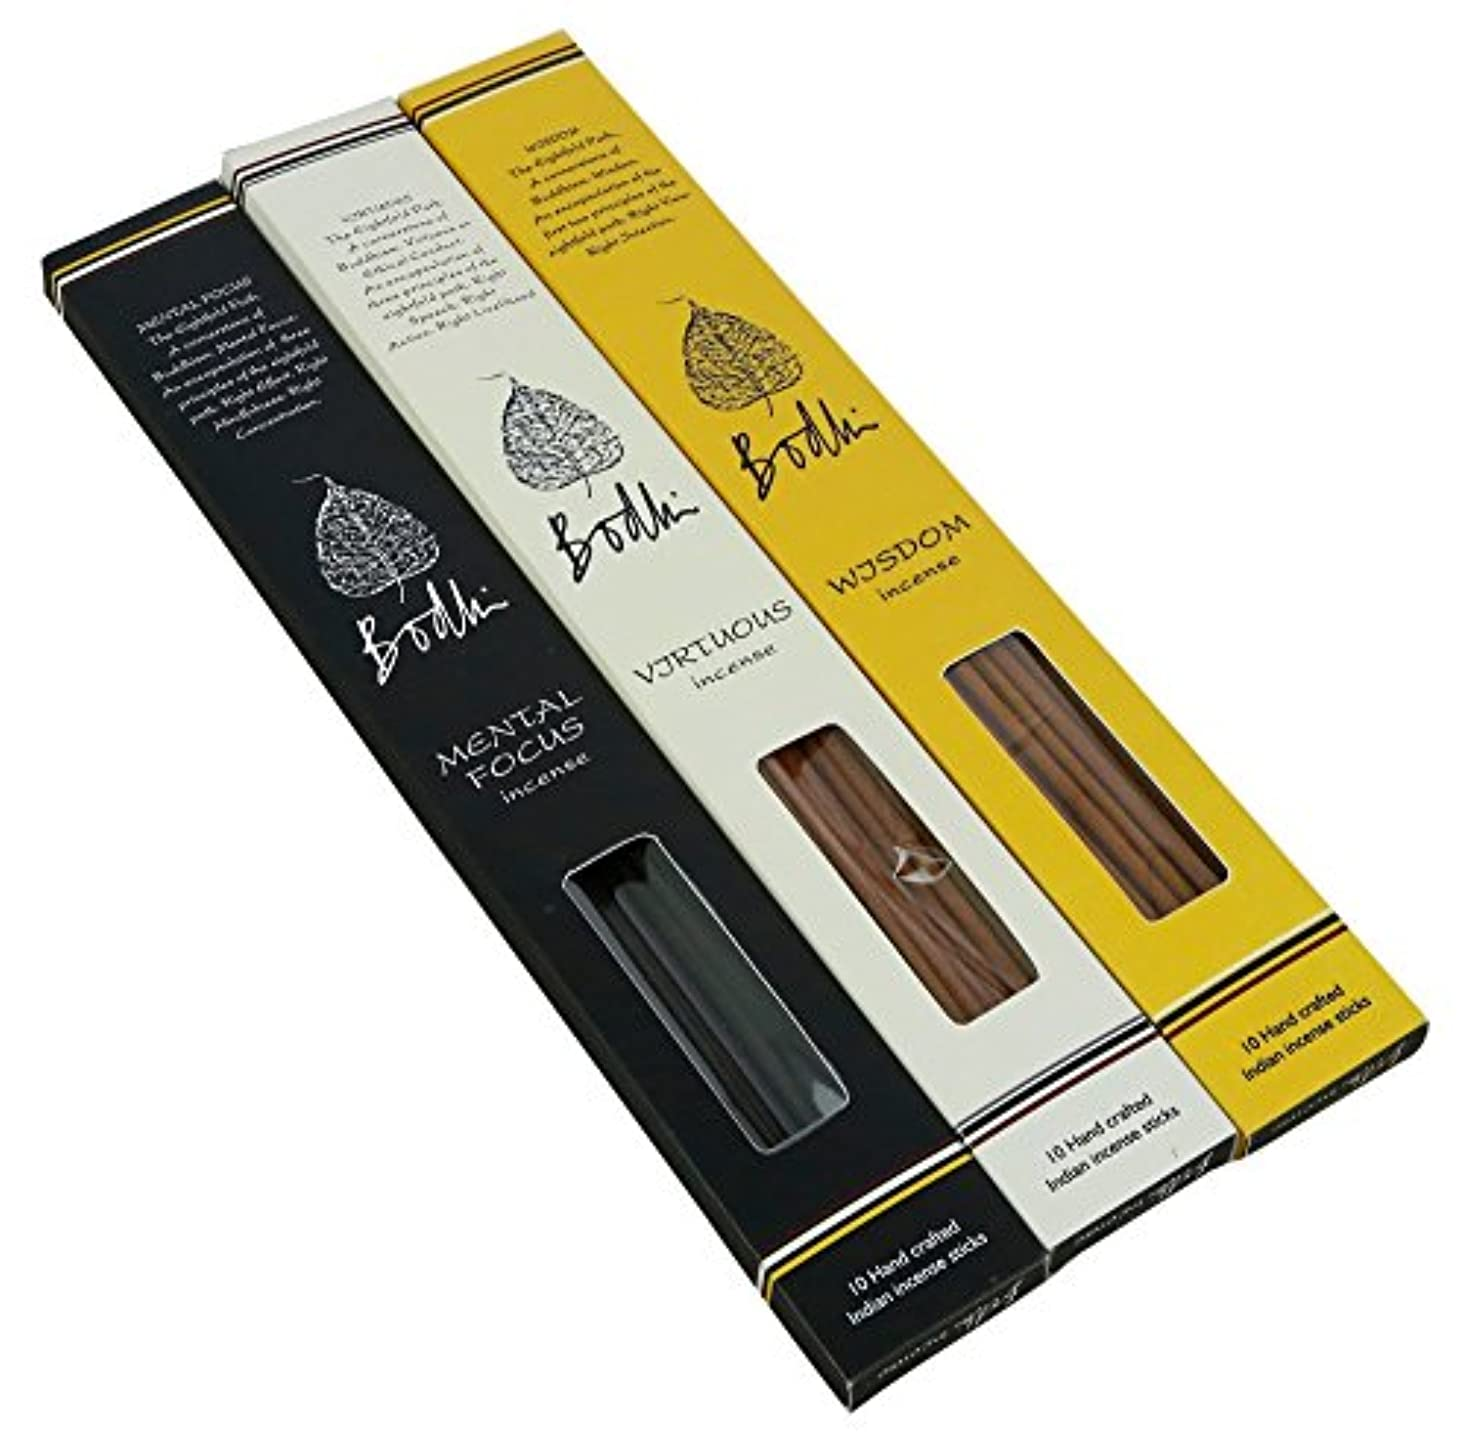 広がり水銀のジャンピングジャックBodhi Buddhist Incense Sticks forホームTemple – Virtuous、知恵とMentalフォーカスFragrances、手作り合計30 Sticks